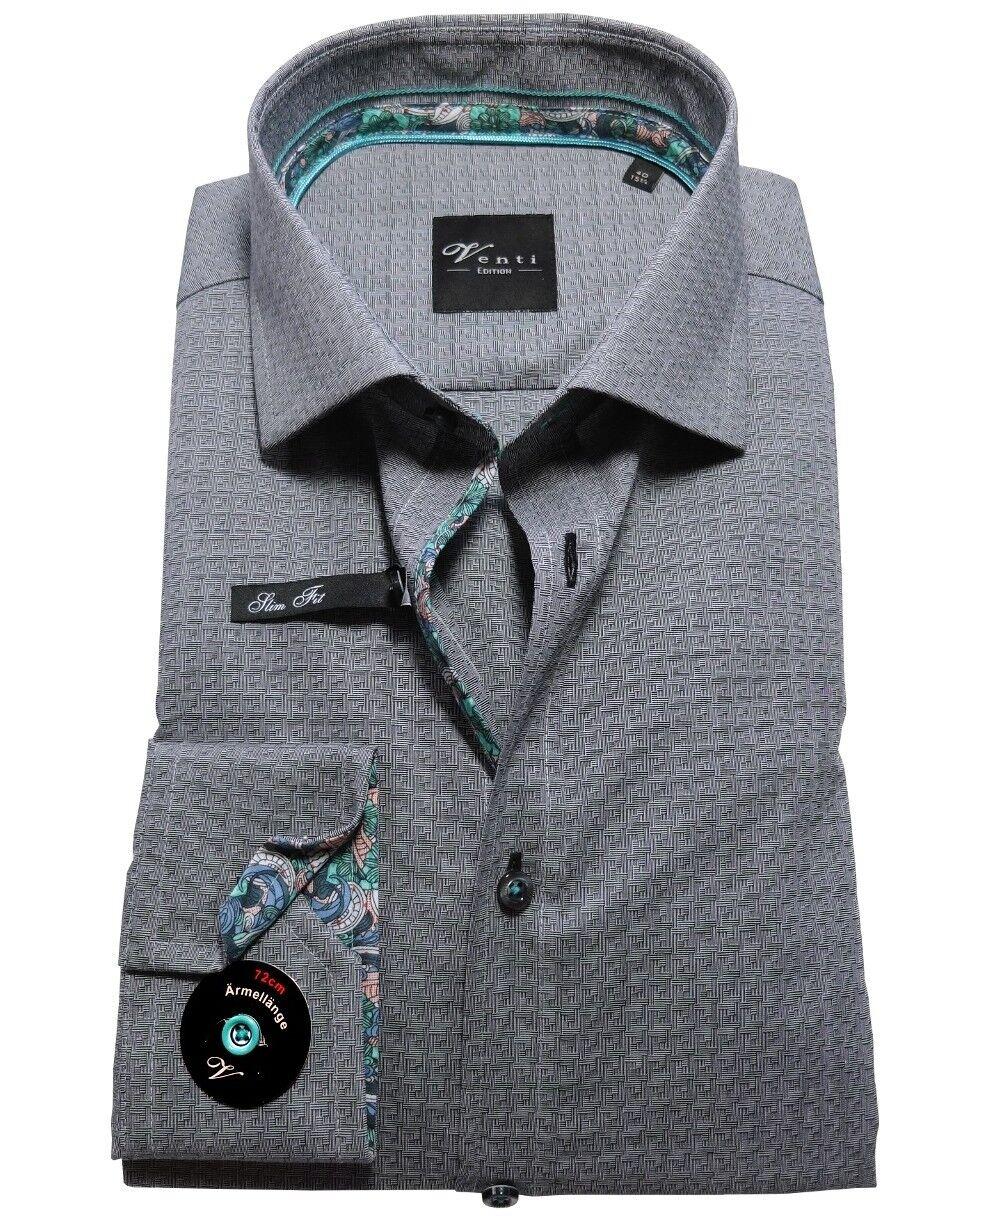 Venti Slim Fit Langarmhemd anthrazit Struktur extralanger Arm 72 cm Gr.40 bis 48    Vielfältiges neues Design